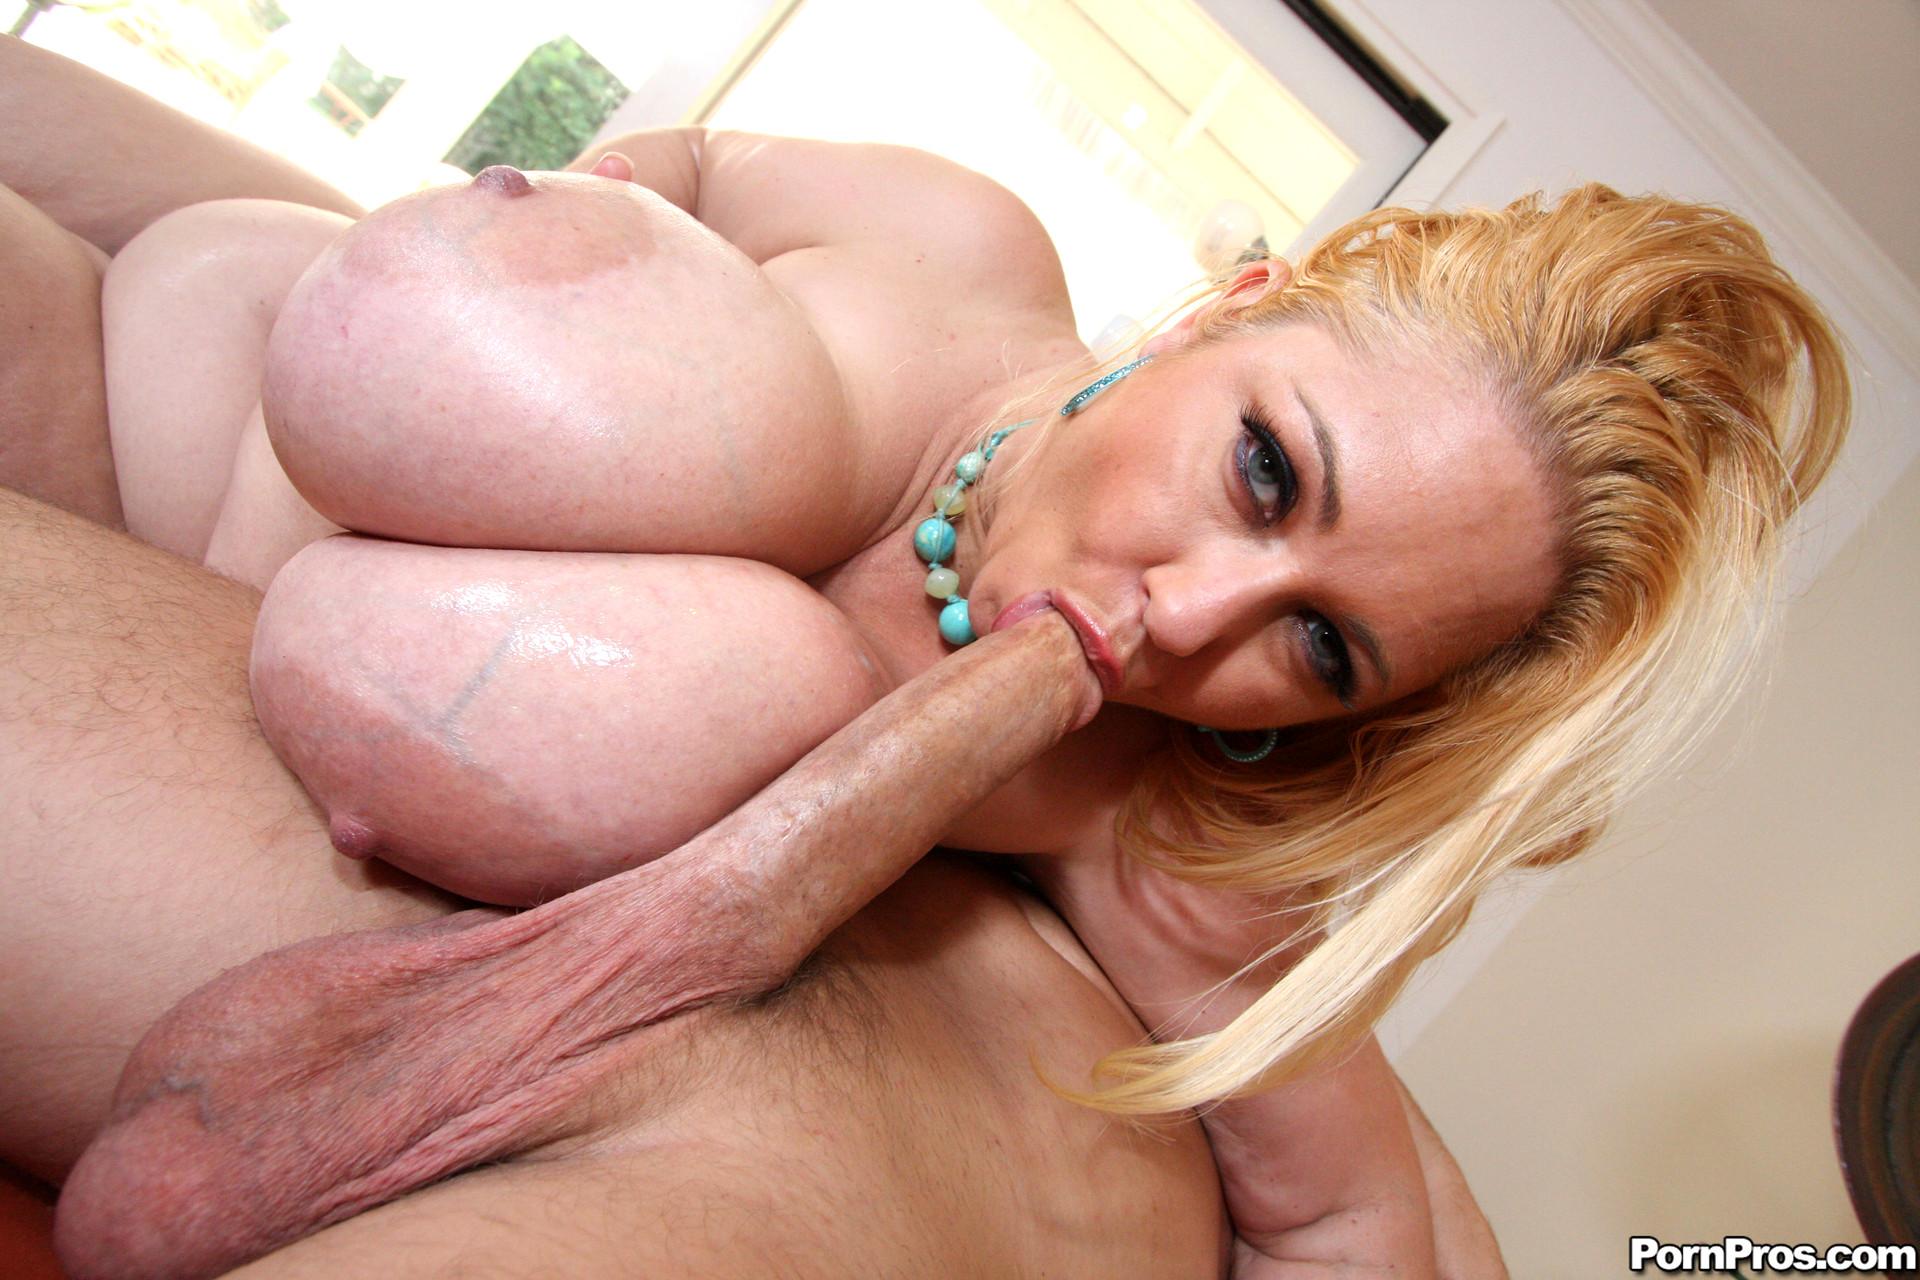 Hd huge tits porn